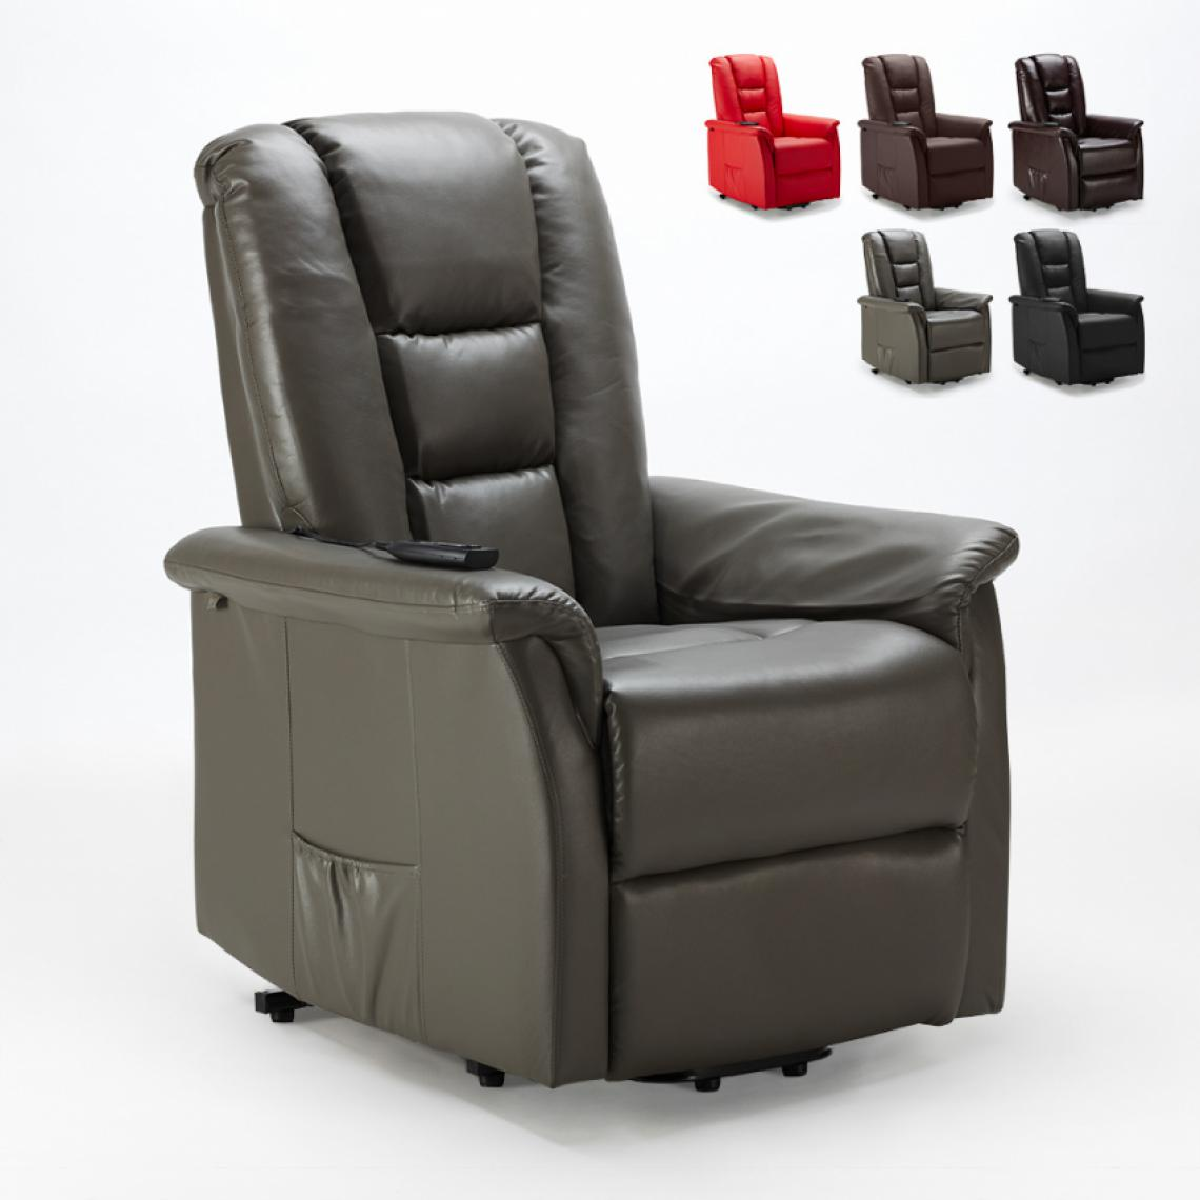 Le Roi du Relax Fauteuil de relaxation avec système d'inclinaison en simili-cuir design Joanna Fix, Couleur: Gris